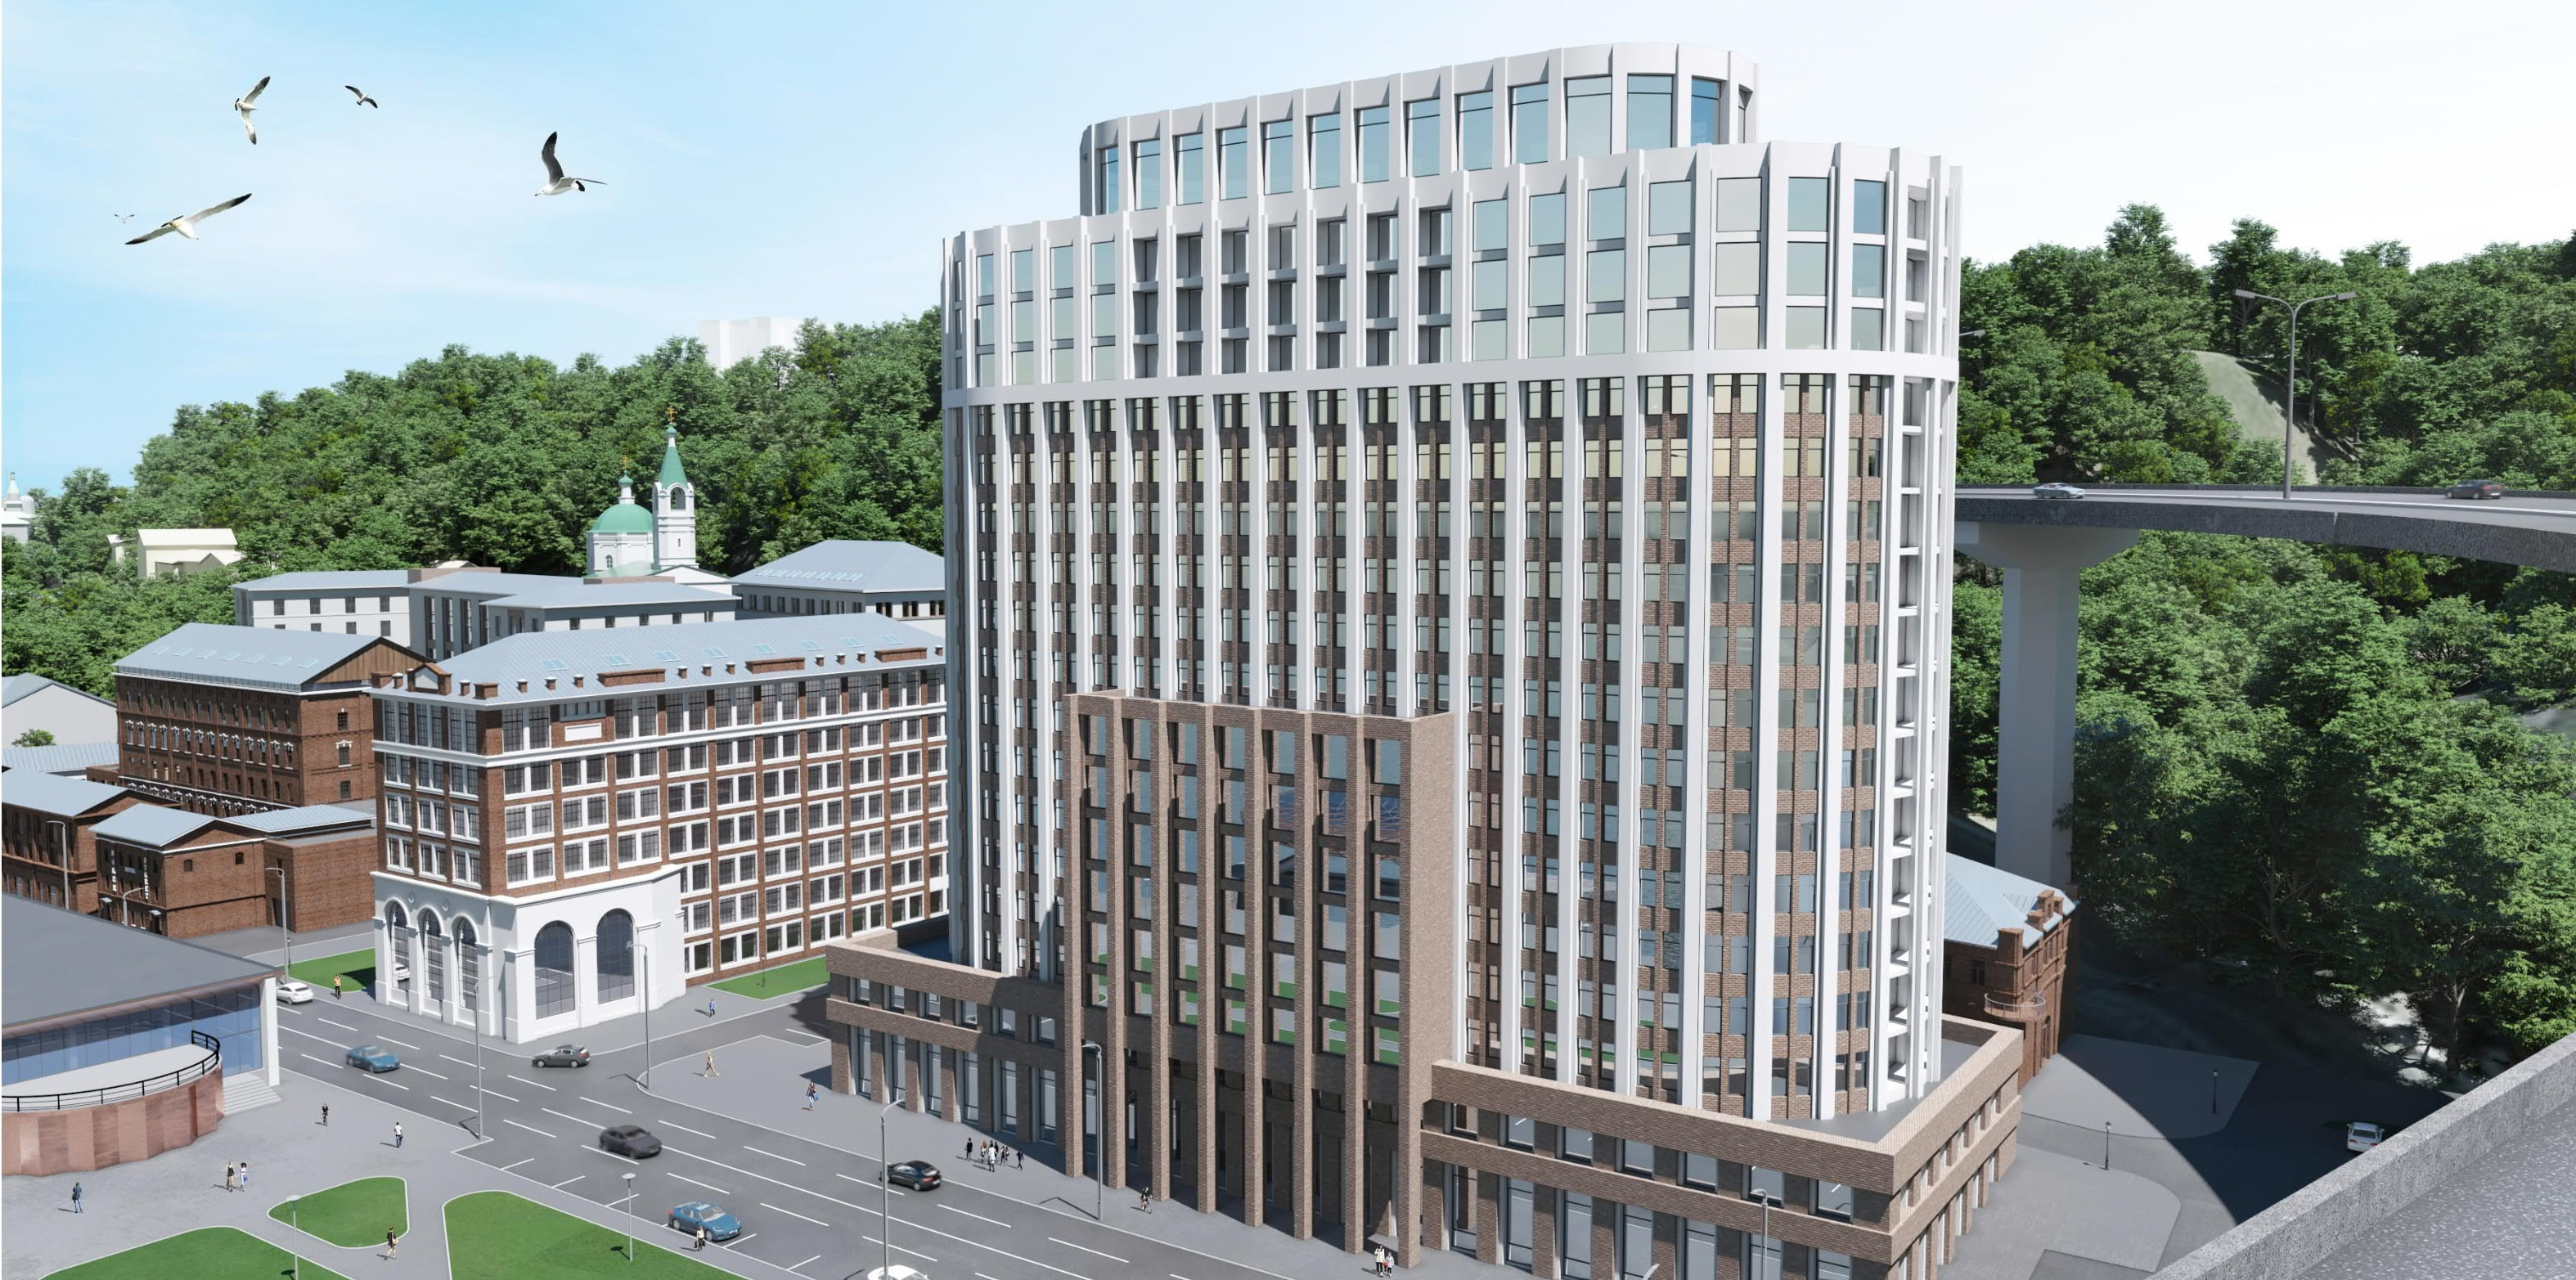 Первая ивент-площадка  появится на улице Черниговской уже в 2019 году в рамках проекта редевелопмента - фото 4